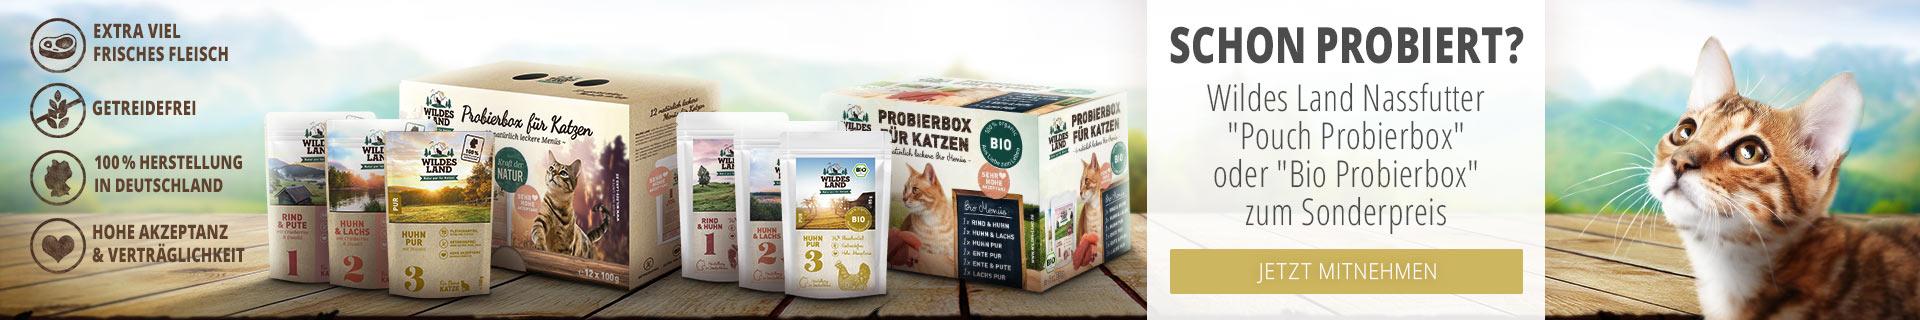 Wildes Land Nassfutter Aktion Katze - 15% Rabatt auf Probierboxen